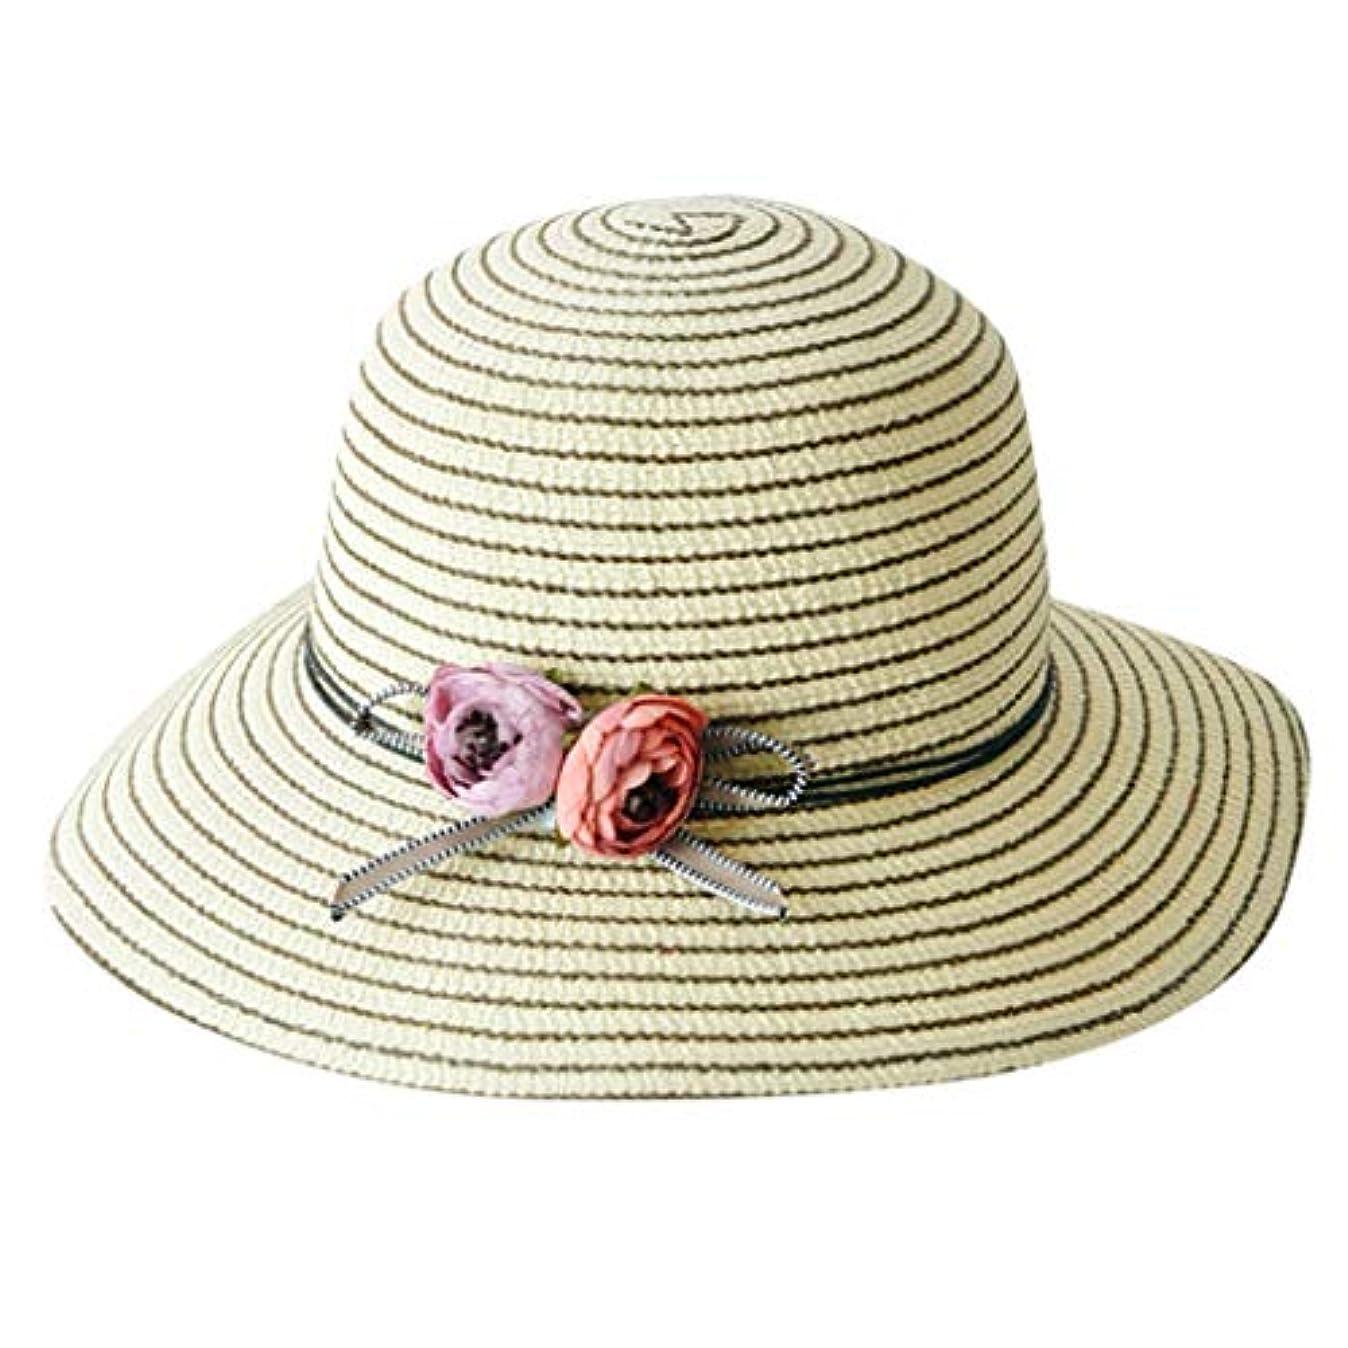 コンベンション代わりにを立てる戻る帽子 レディース 漁師帽 夏 UVカット 帽子 綿糸 ハット レディース 紫外線100%カット UV ハット 可愛い 小顔効果抜群 日よけ 折りたたみ つば広 小顔効果抜群 折りたたみ 海 旅行 ROSE ROMAN